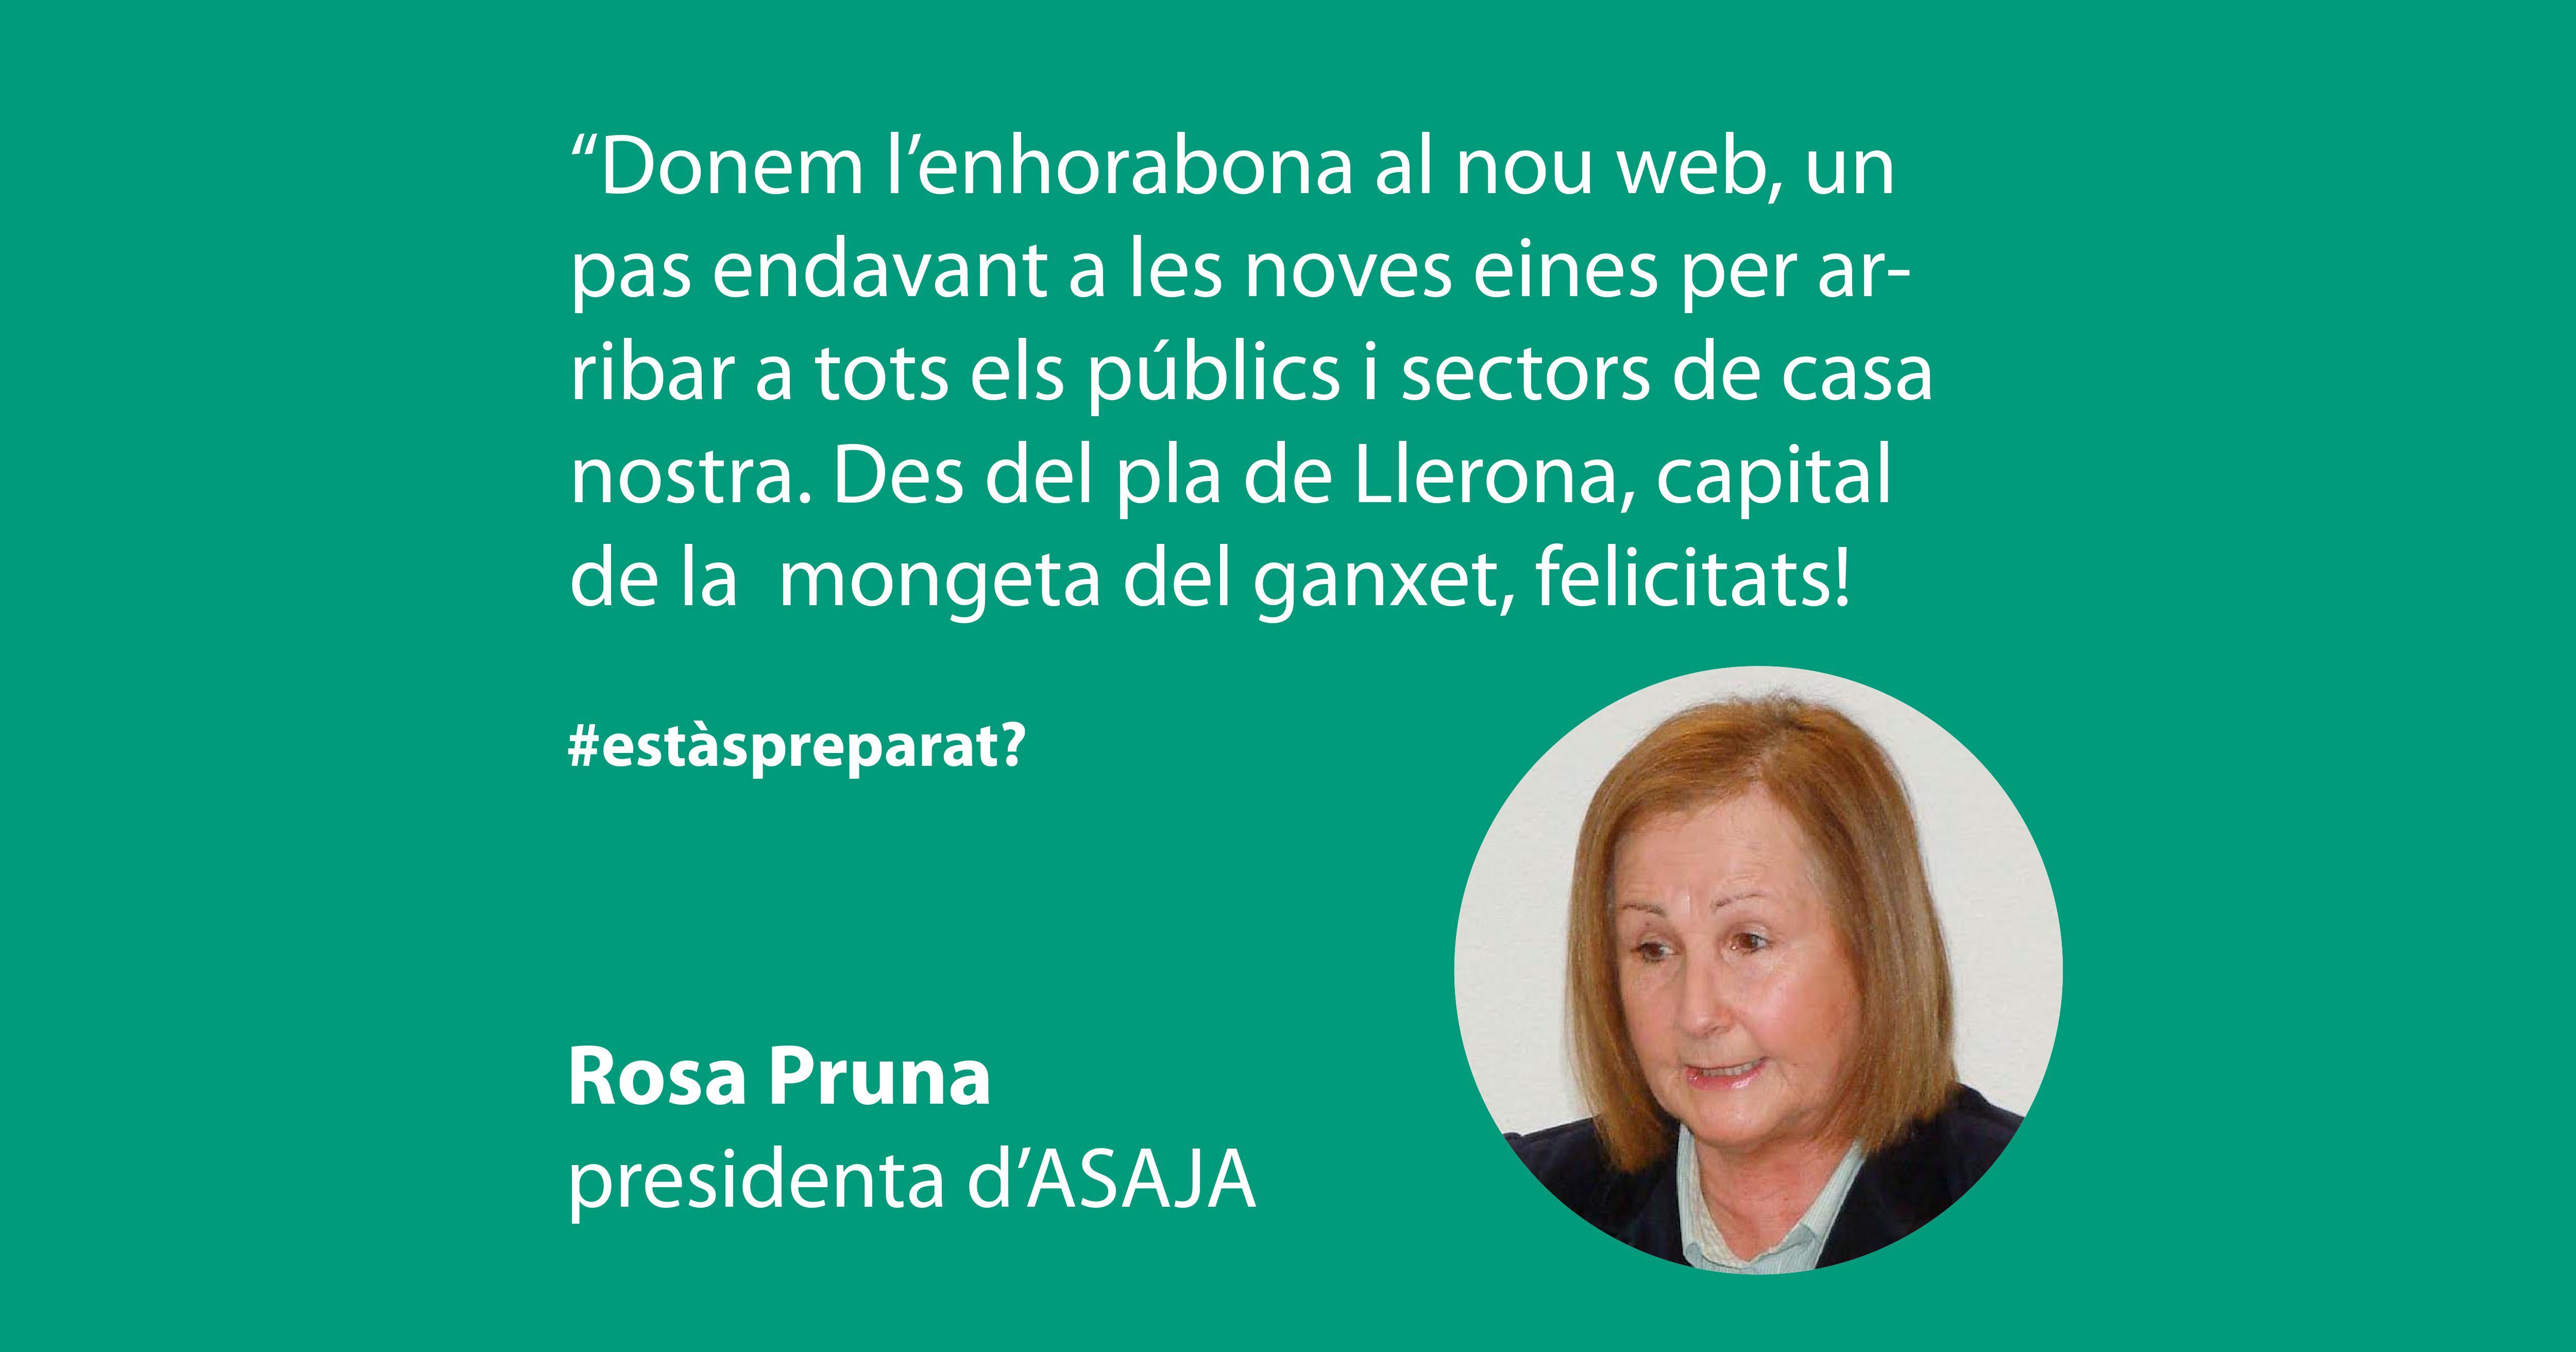 Rosa Pruna